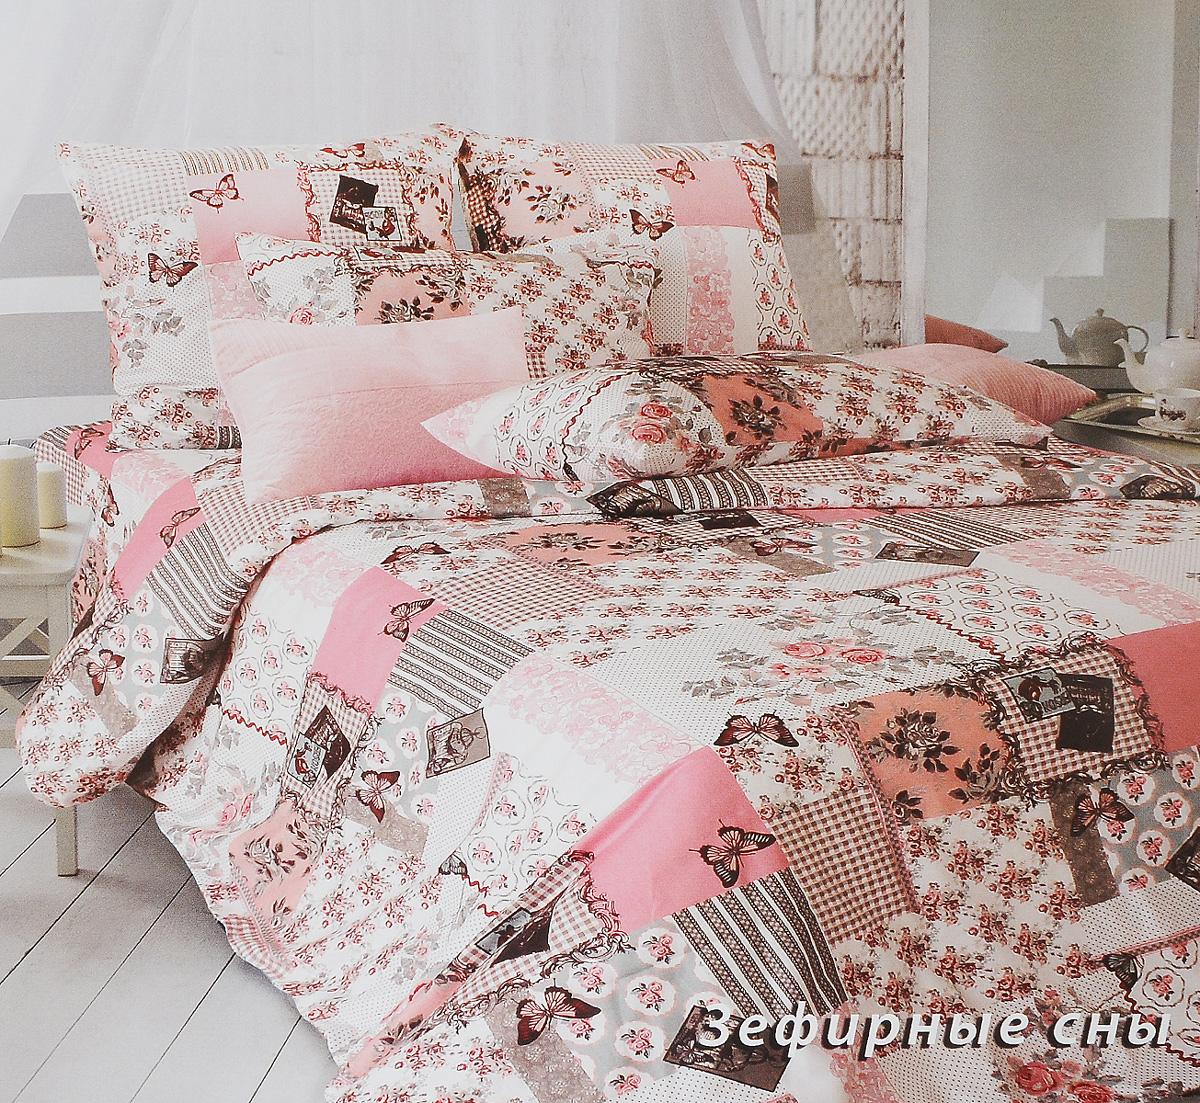 Комплект белья Tiffanys Secret Зефирные сны, 1,5-спальный, наволочки 50х70, цвет: розовый, белый, темно-коричневый2040115958Комплект постельного белья Tiffanys Secret Зефирные сны является экологически безопасным для всей семьи, так как выполнен из сатина (100% хлопок).Комплект состоит из пододеяльника, простыни и двух наволочек. Предметы комплекта оформлены оригинальным рисунком. Благодаря такому комплекту постельного белья вы сможете создать атмосферу уюта и комфорта в вашей спальне.Сатин - это ткань, навсегда покорившая сердца человечества. Ценившие роскошь персы называли ее атлас, а искушенные в прекрасном французы - сатин. Секрет высококачественного сатина в безупречности всего технологического процесса.Эту благородную ткань делают только из отборной натуральной пряжи, которую получают из самого лучшего тонковолокнистого хлопка. Благодаря использованию самой тонкой хлопковой нити получается необычайно мягкое и нежное полотно. Сатиновое постельное белье превращает жаркие летние ночи в прохладные и освежающие, а холодные зимние - в теплые и согревающие.Сатин очень приятен на ощупь, постельное белье из него долговечно, выдерживает более 300 стирок, и лишь спустя долгое время материал начинает немного тускнеть.Оцените все достоинства постельного белья из сатина, выбирая самое лучшее для себя!Советы по выбору постельного белья от блогера Ирины Соковых. Статья OZON Гид